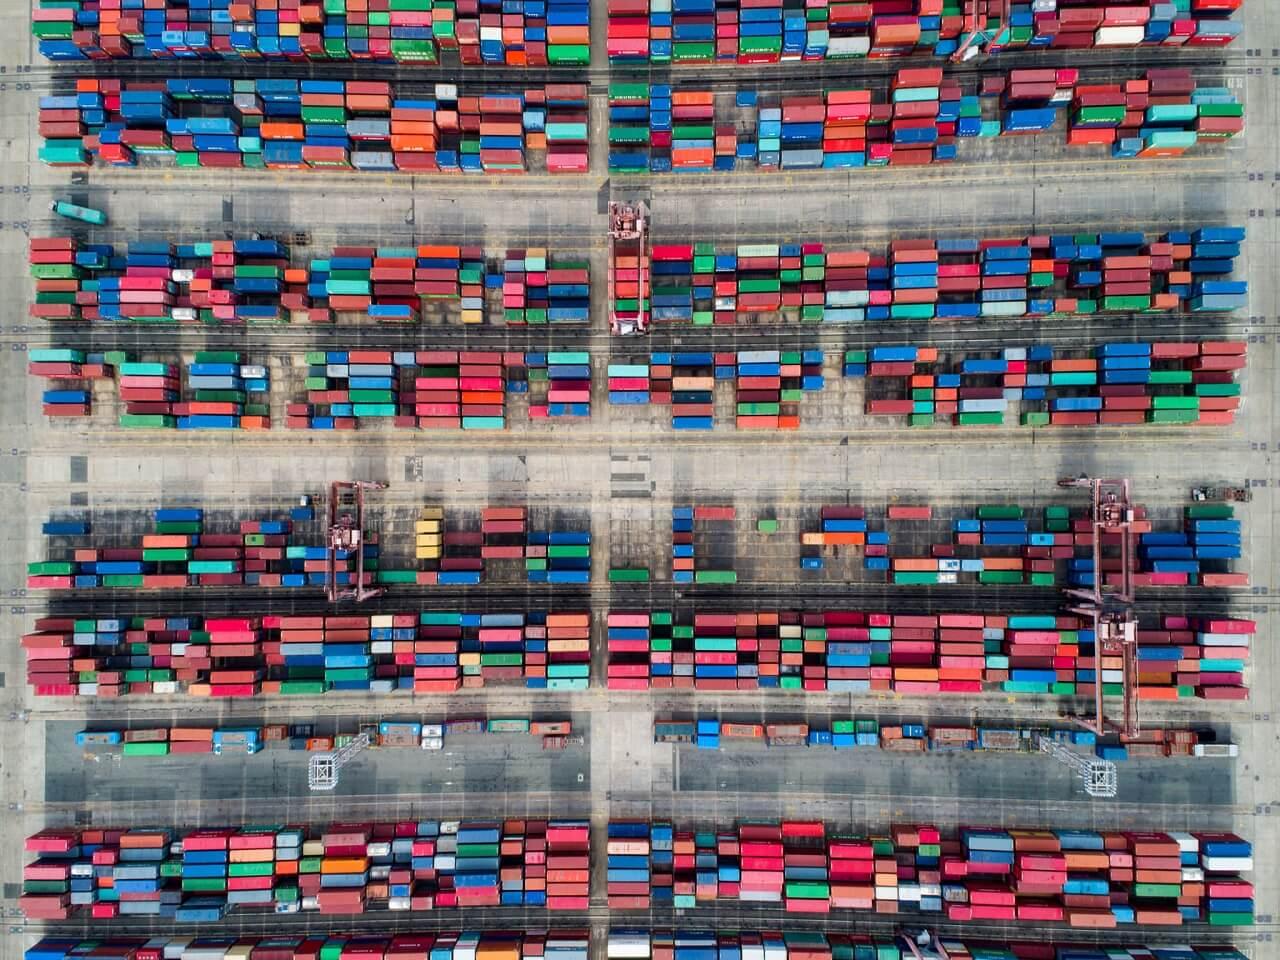 Dünya Genelinde Güney Kore Ürünlerine Karşı Alınan Önlemler Büyük Artış Gösteriyor